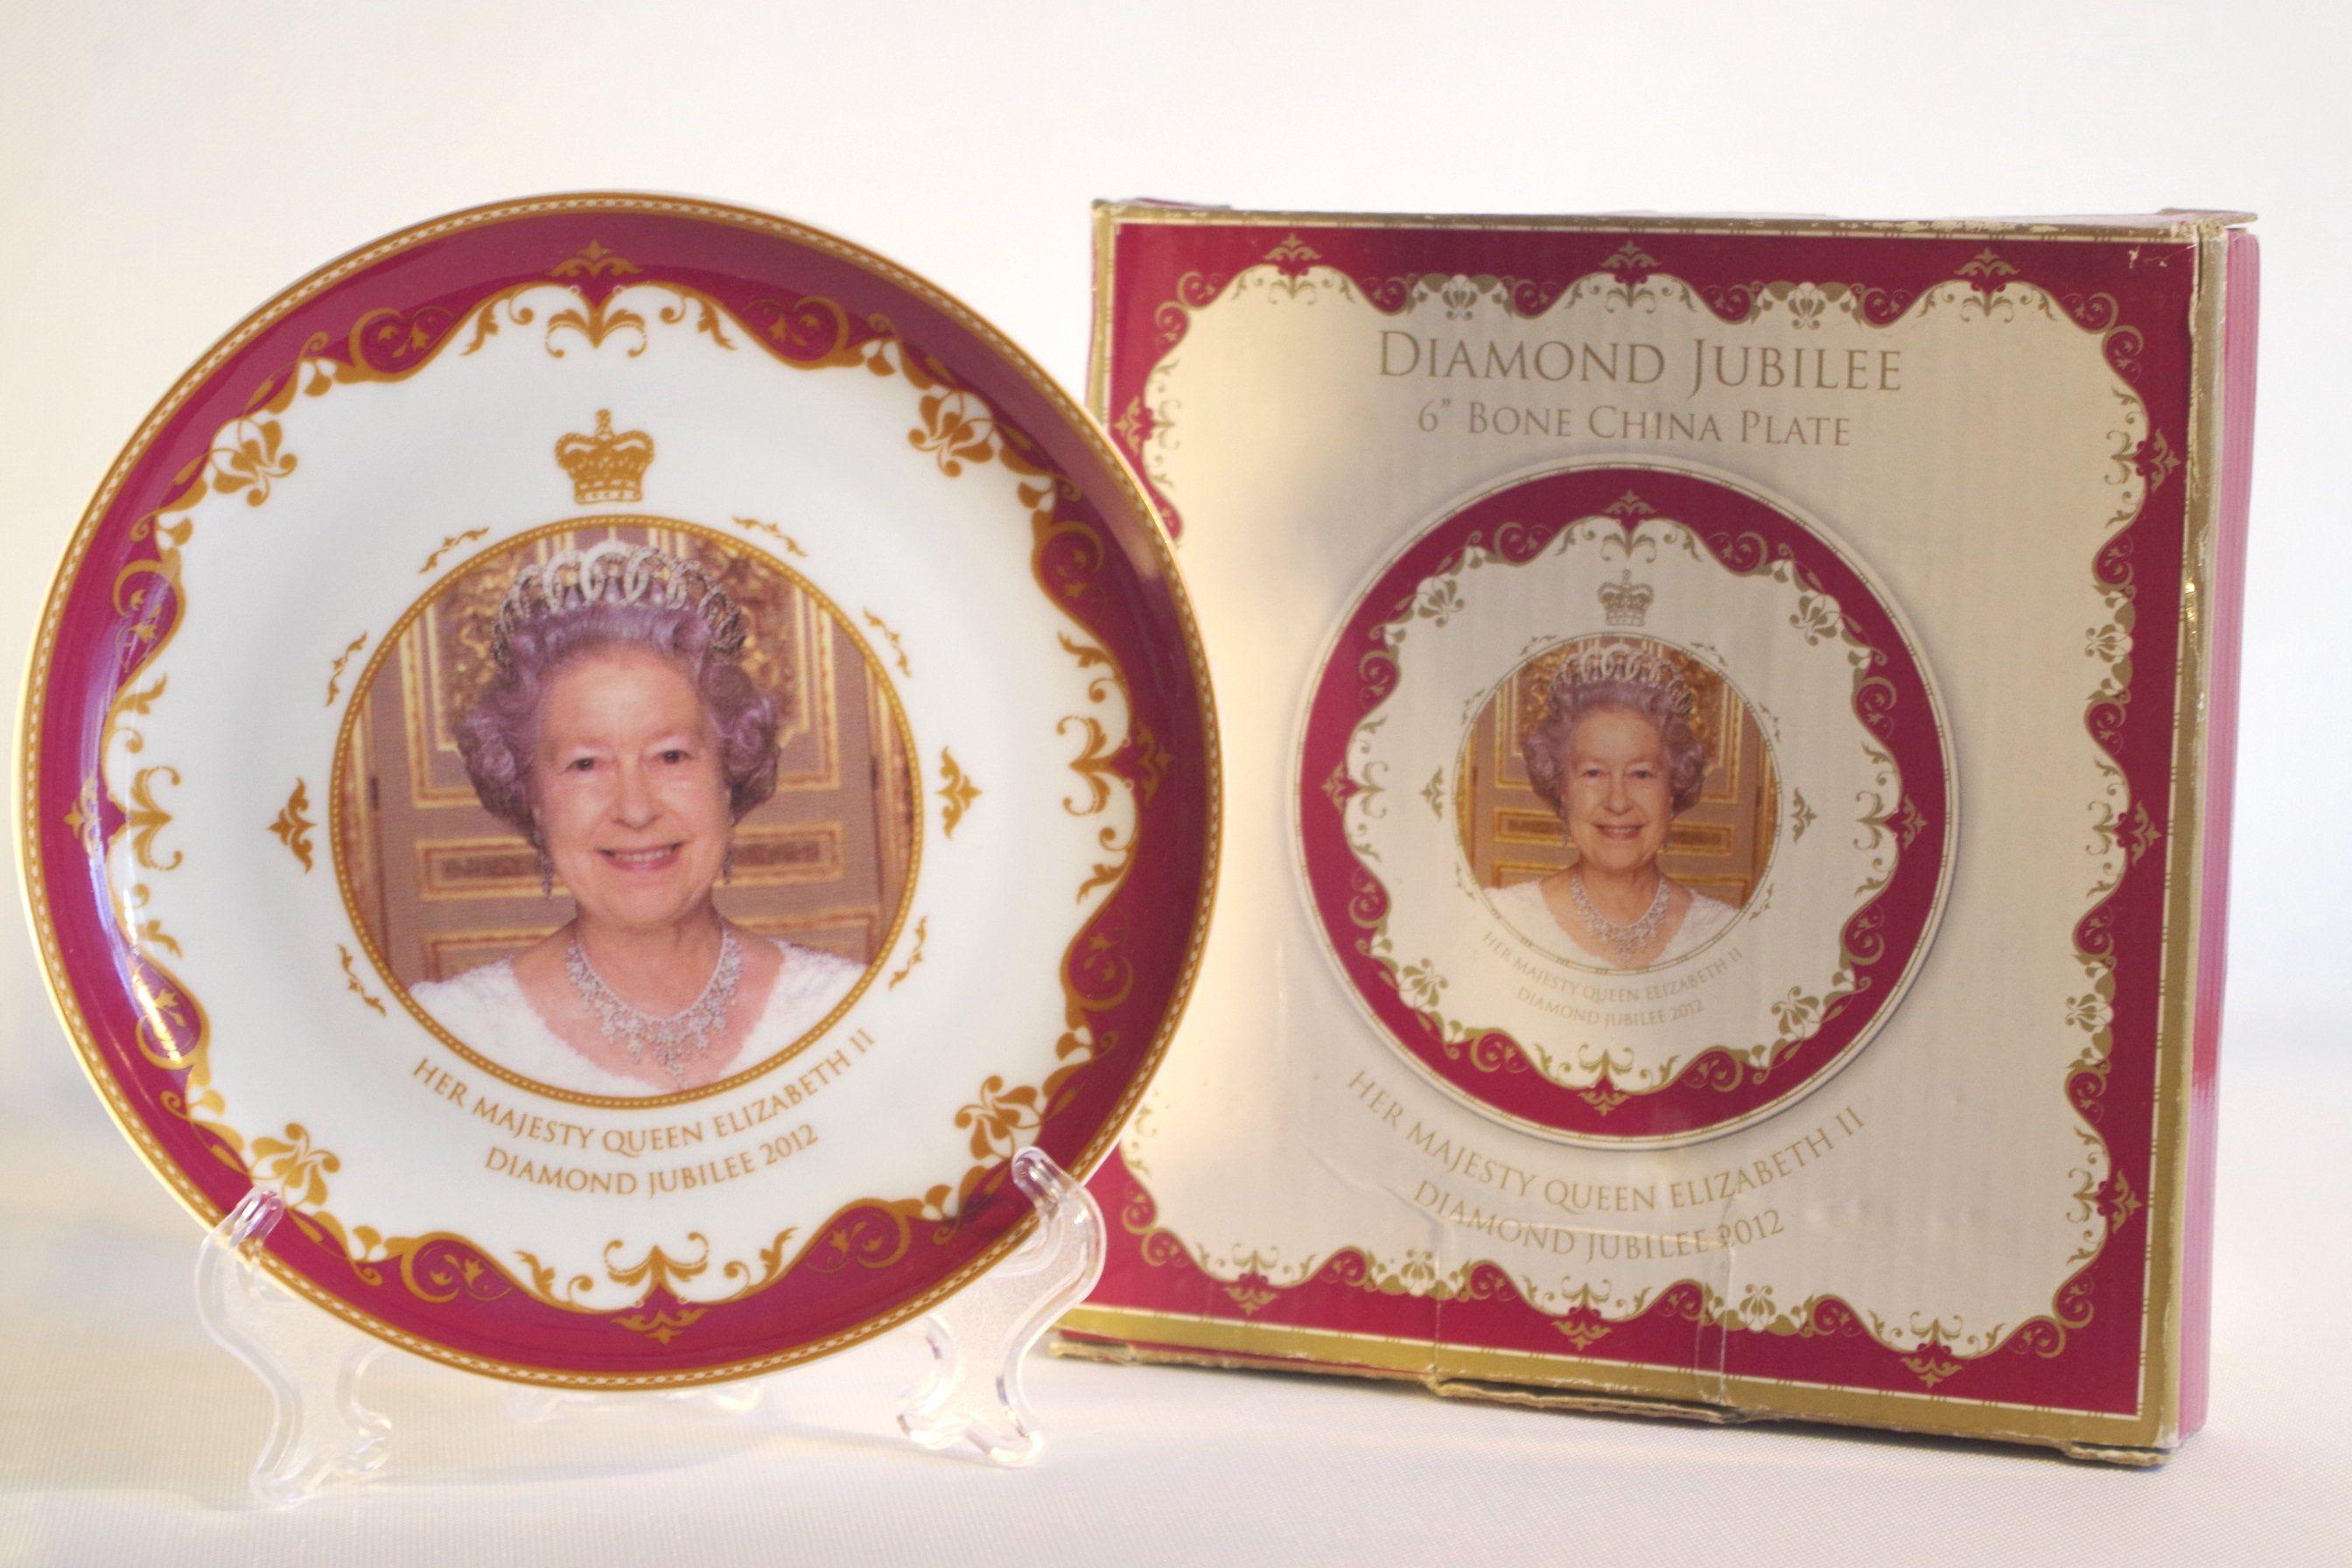 Her Majesty Queen Elizabeth Ii Diamond Jubilee 2012 Etsy Queen Elizabeth Ii Elizabeth Ii Queen Elizabeth